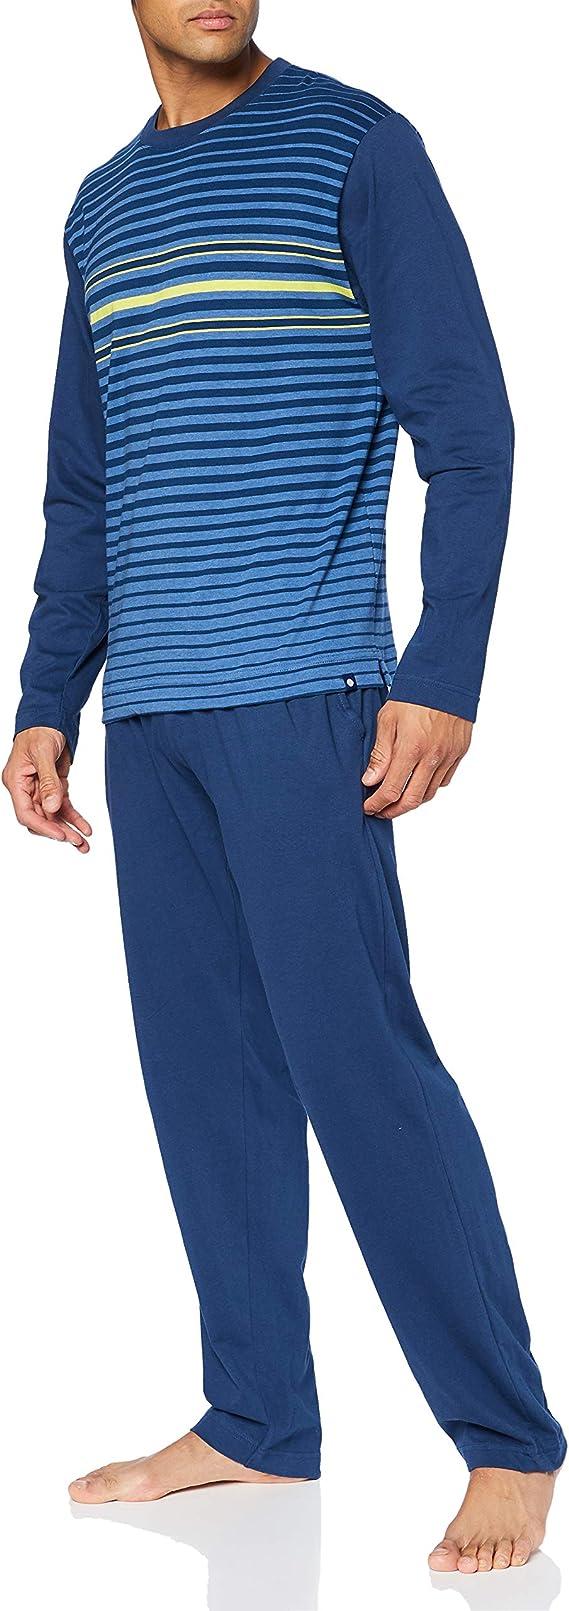 Punto Blanco Conjunto Frequency Juego de Pijama para Hombre